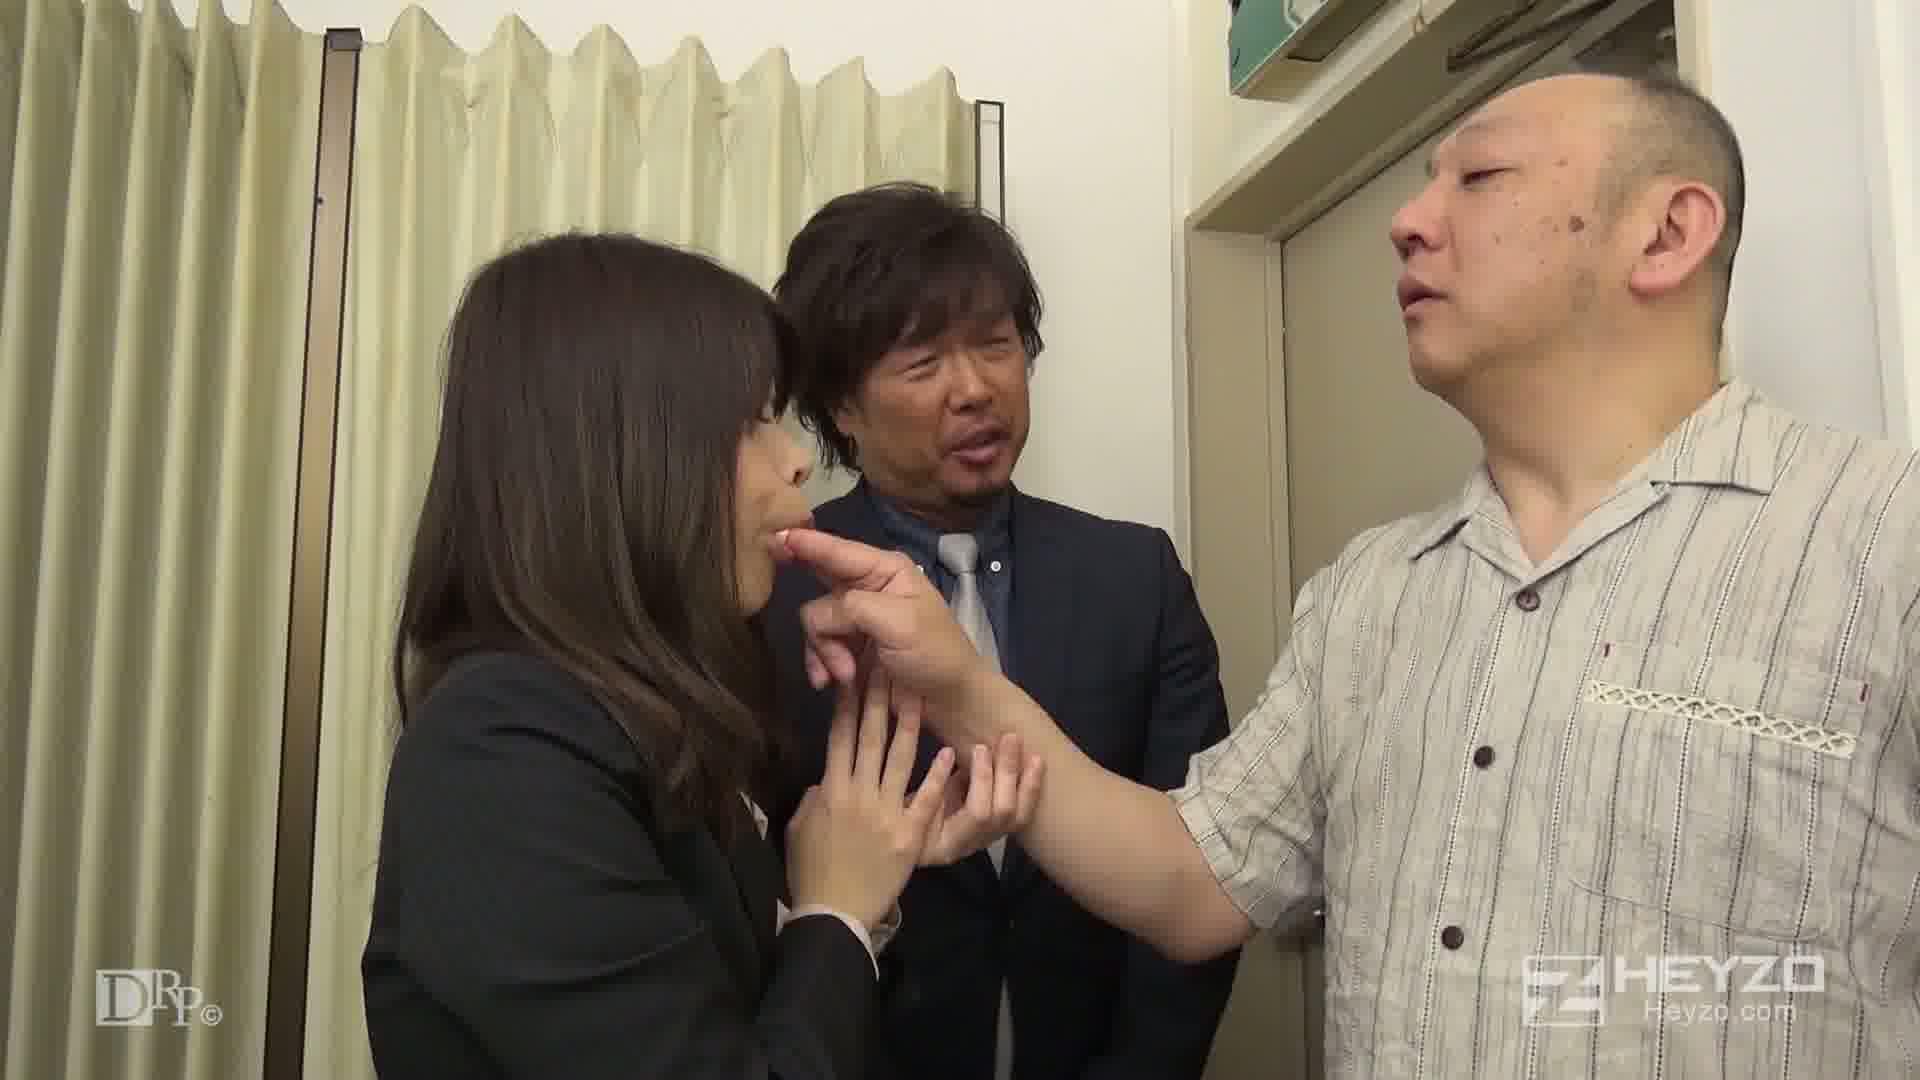 クレーム処理の生贄にされた女 - 菅野みらい【指ナメ フェラ 口内射精】